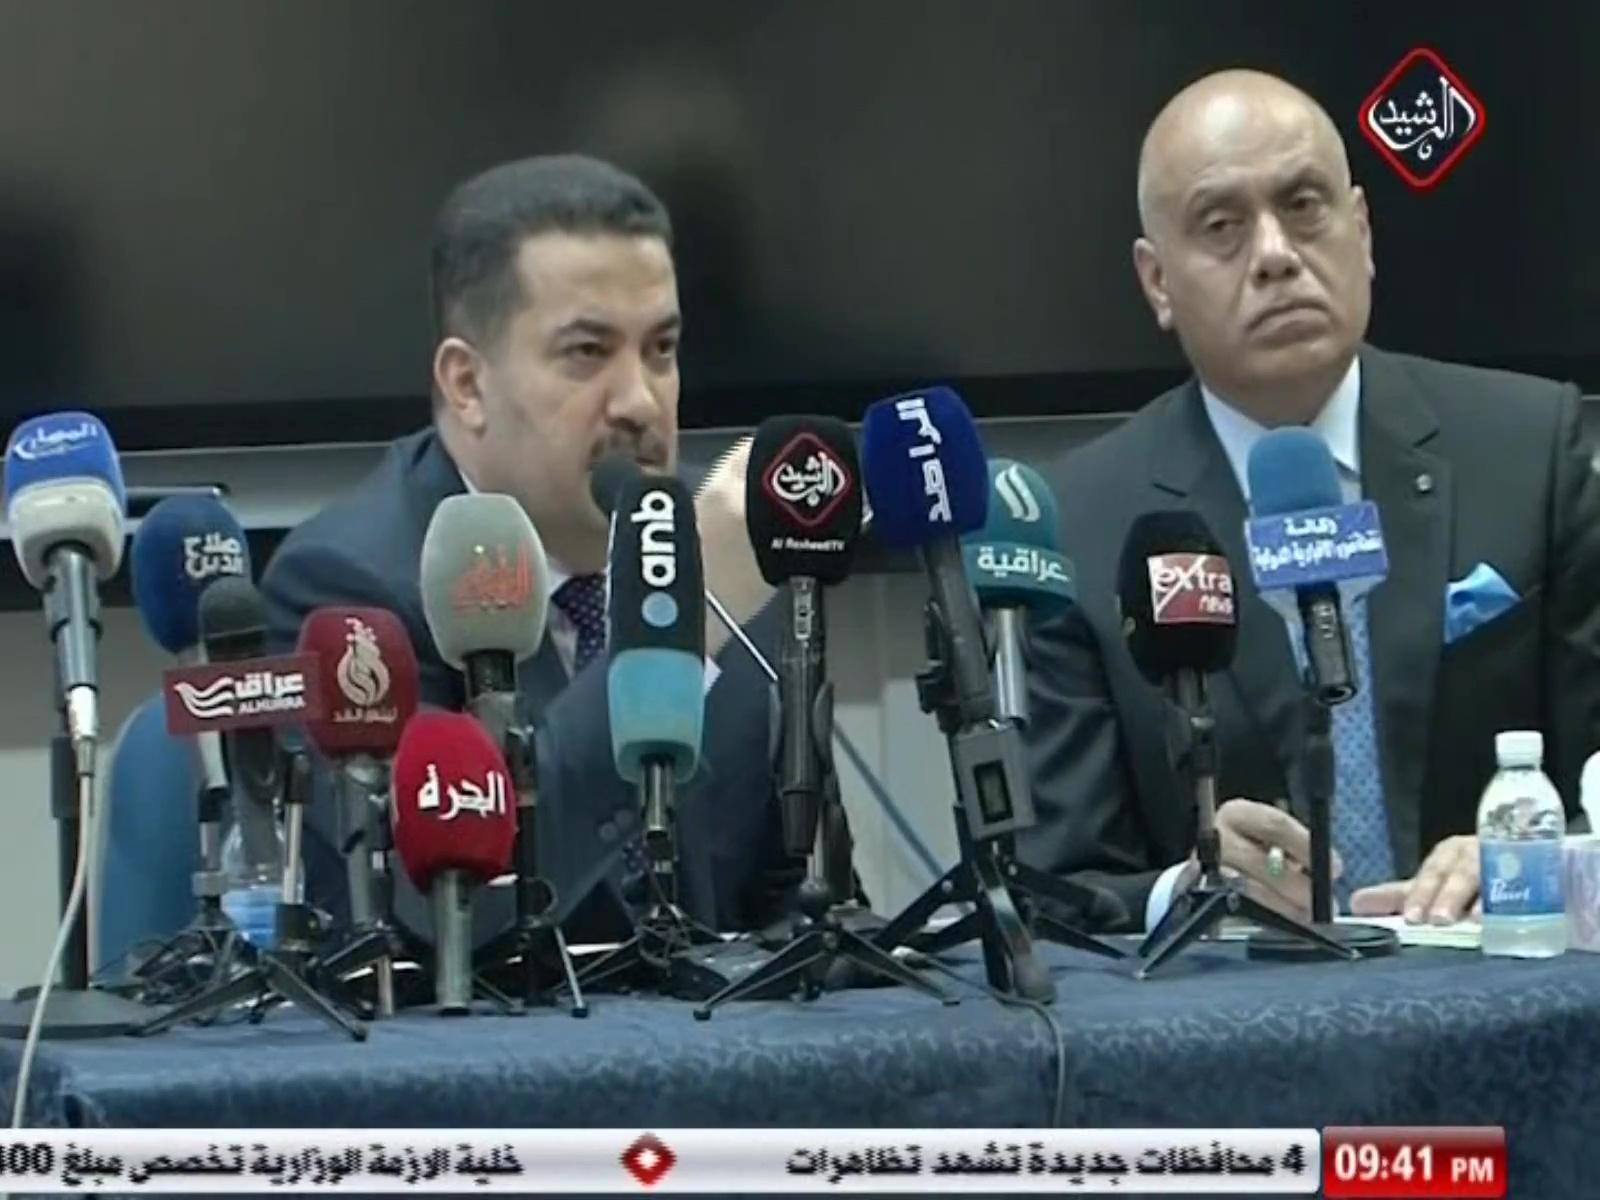 محمد شياع السوداني / وزير العمل والشؤون الاجتماعية